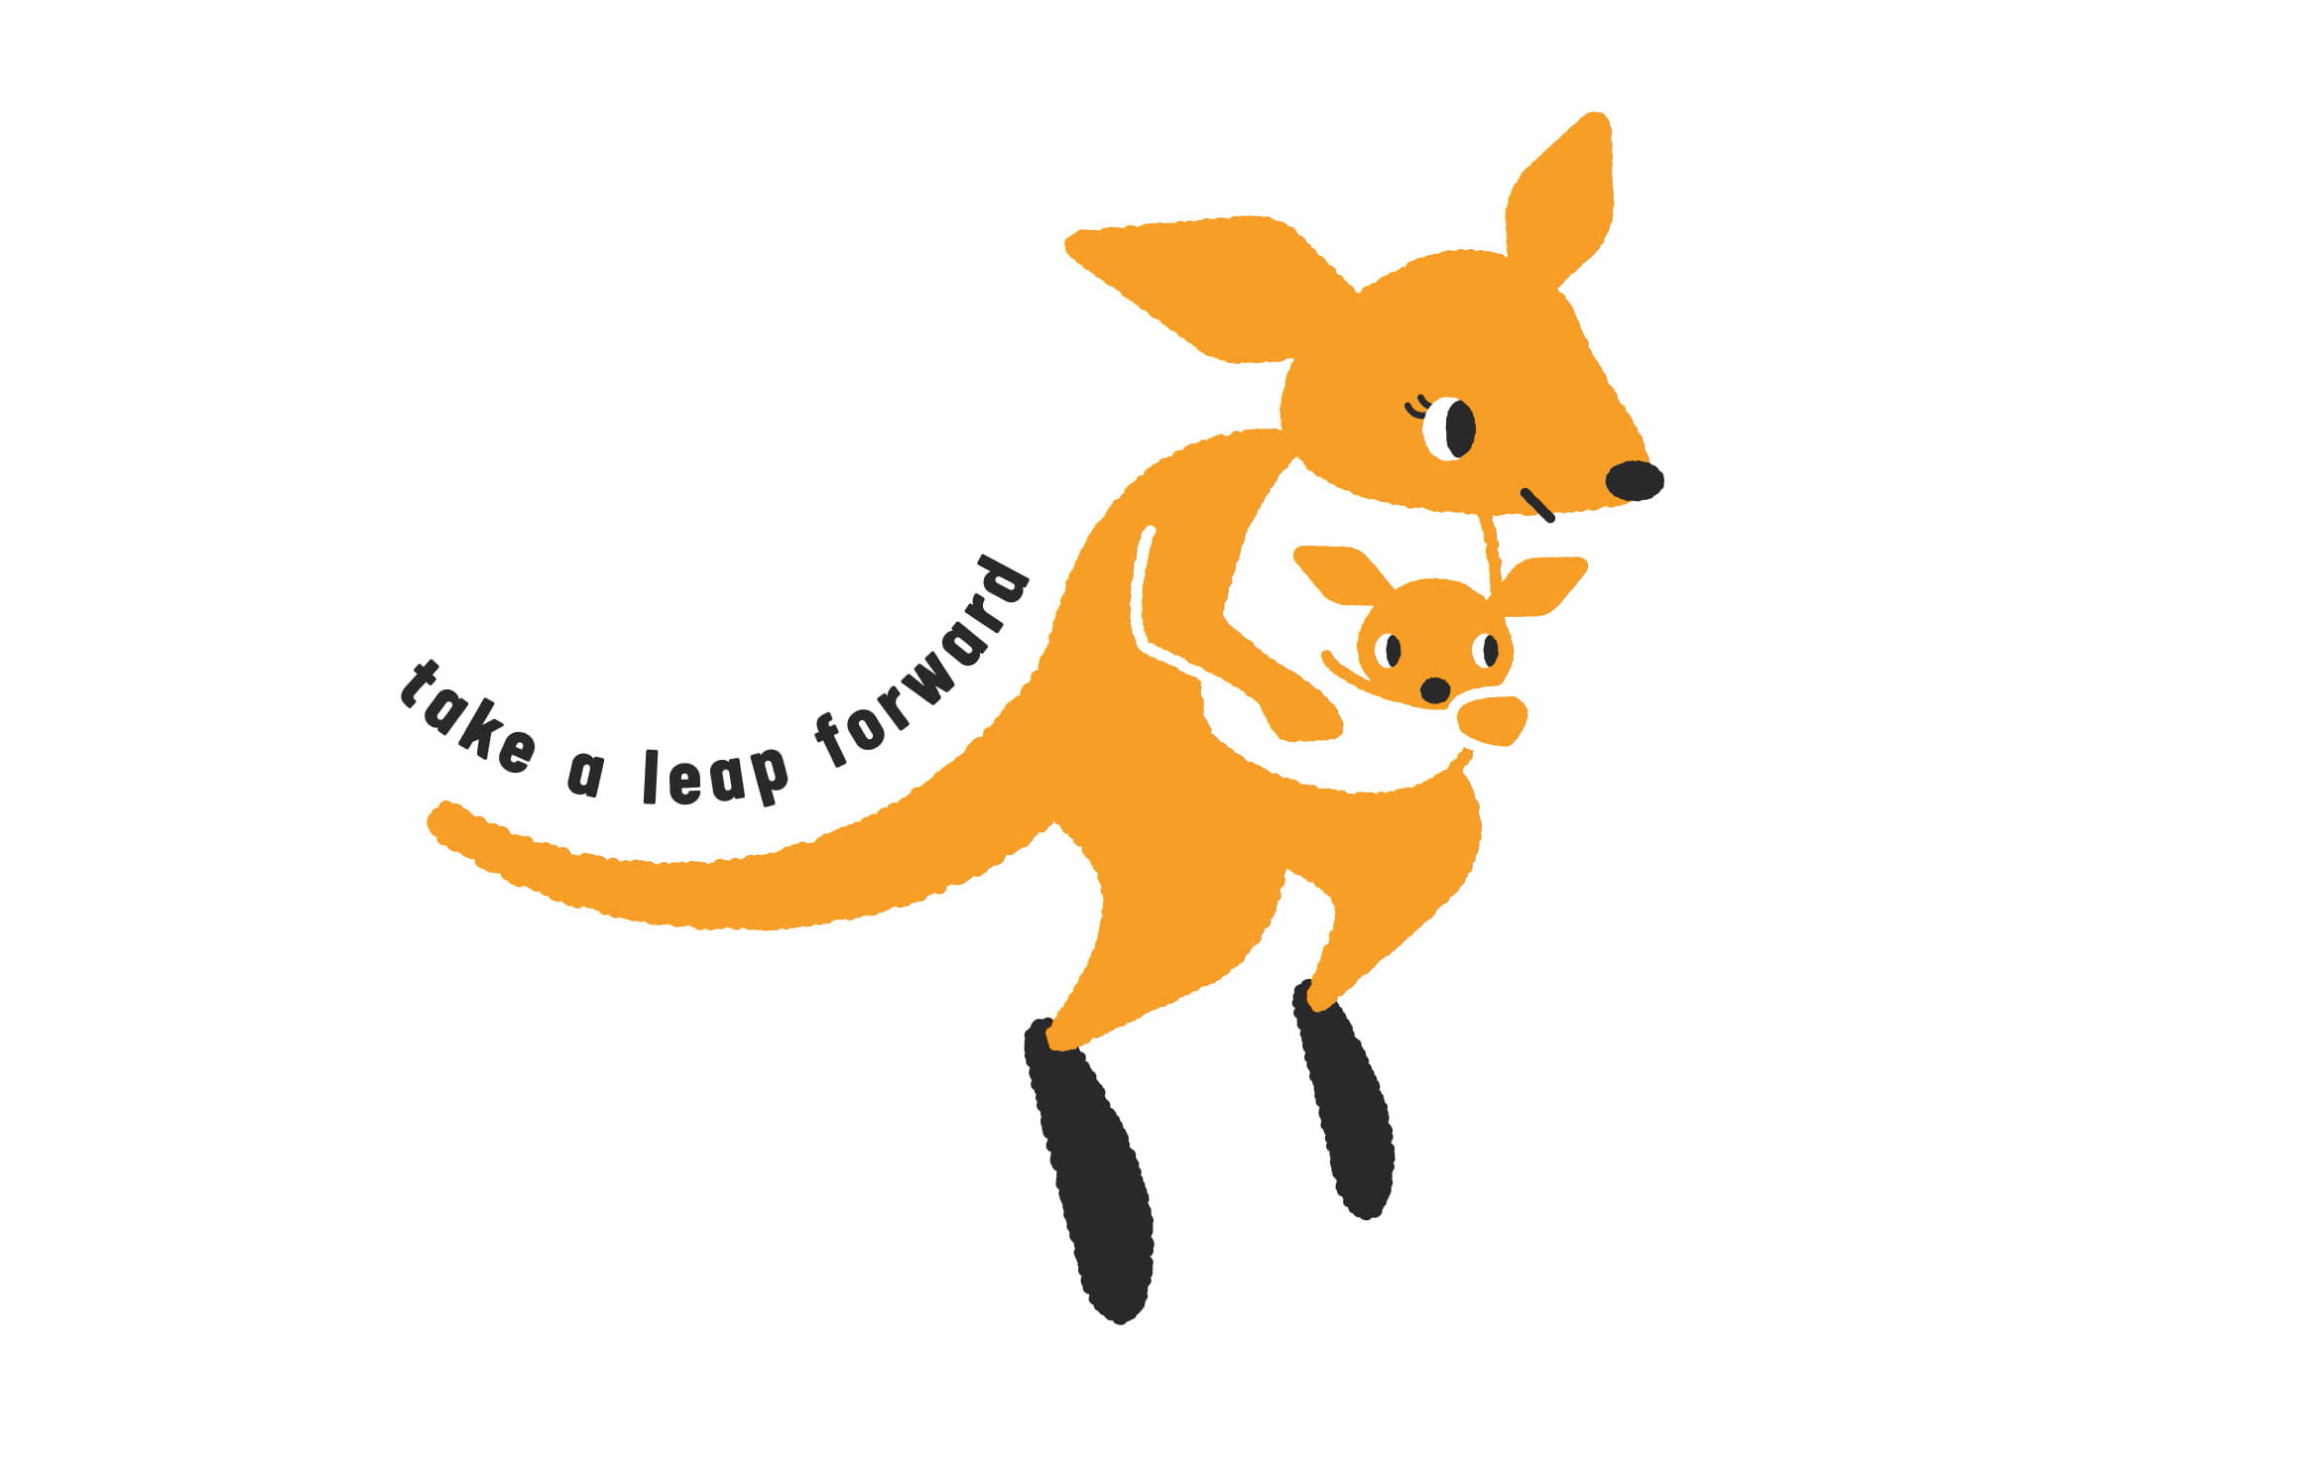 take-a-leap-forward